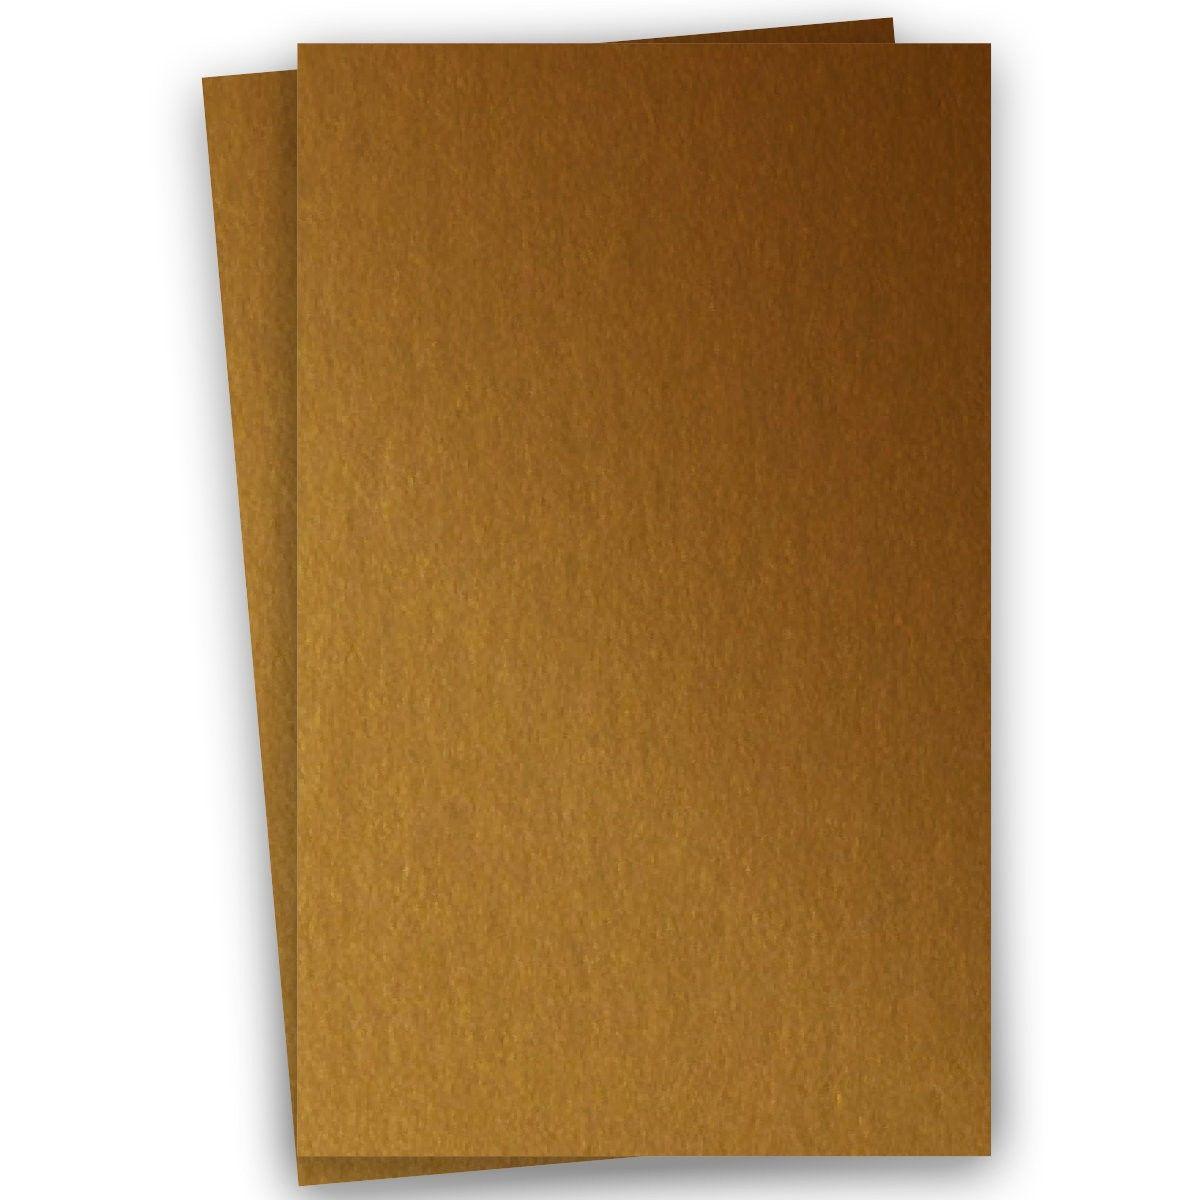 Stardream Metallic 11x17 Card Stock Paper Antique Gold 105lb Cover 284gsm 100 Pk In 2021 Metallic Paper Antique Gold Paper